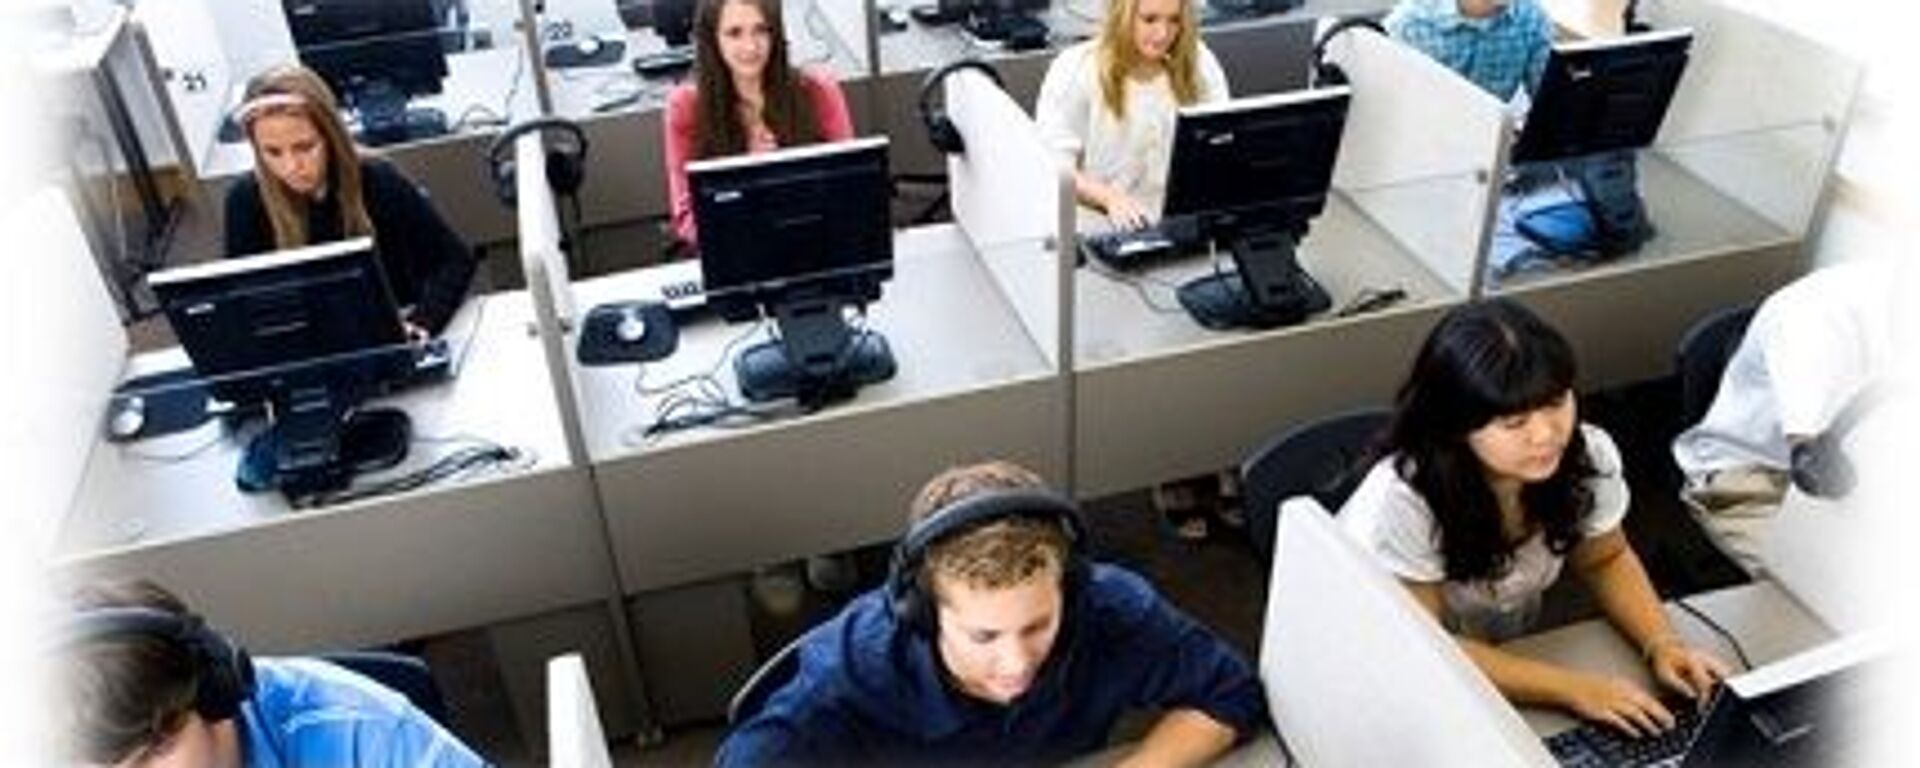 Lavoro giovani. Cresce la richiesta di competenze digitali e tecnologiche - Sputnik Italia, 1920, 18.02.2021